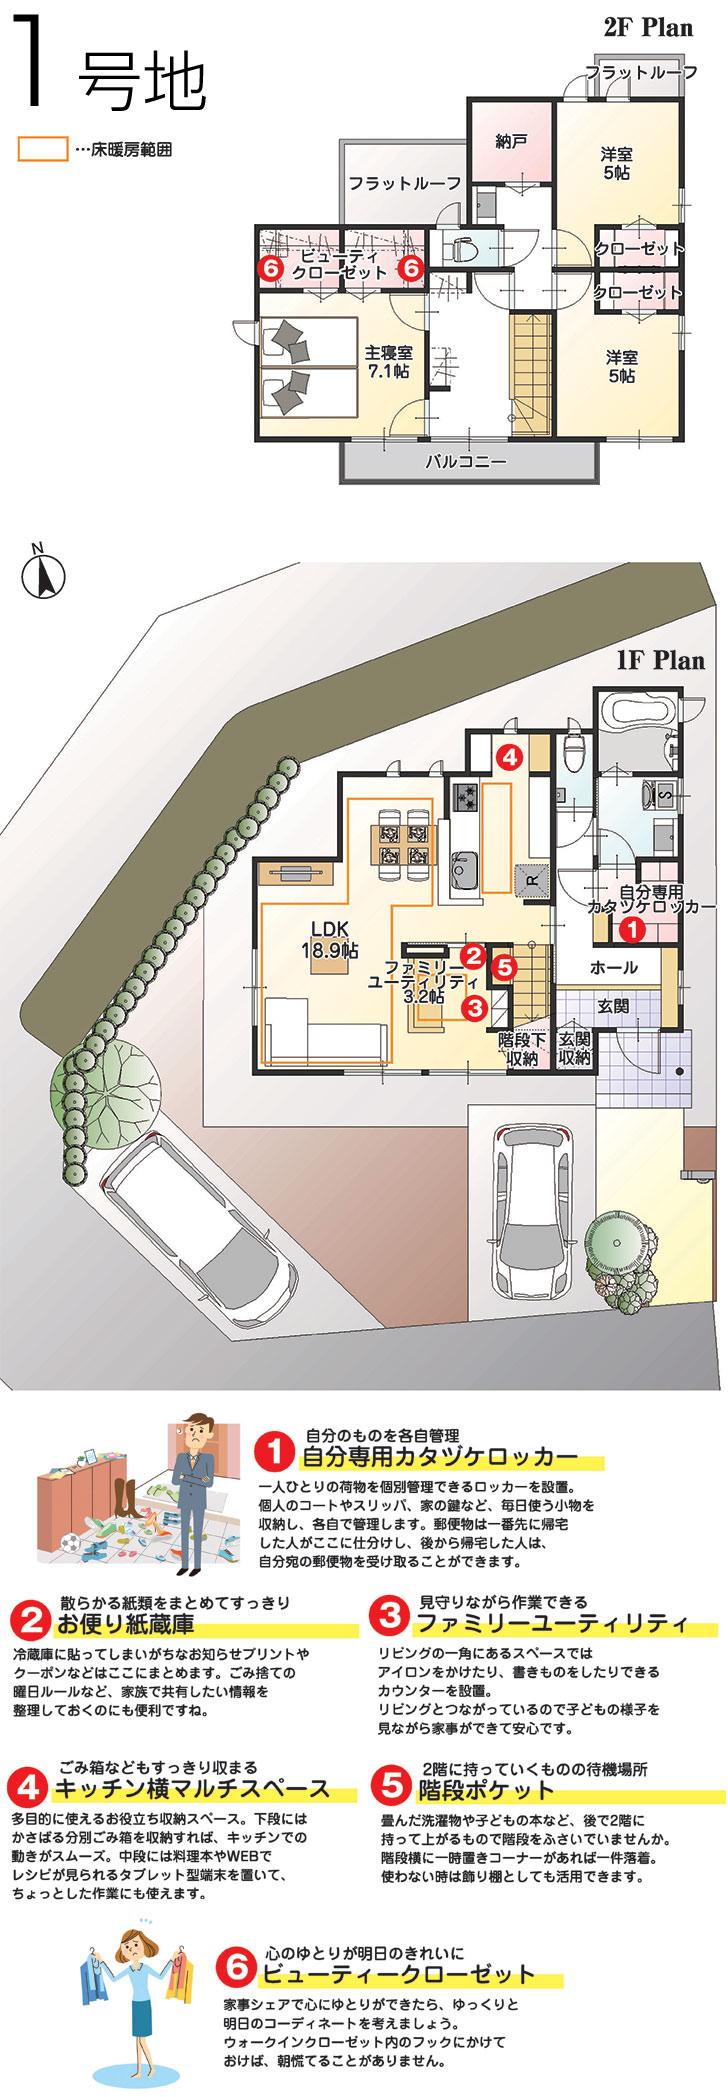 【ダイワハウス】まちなかジーヴォ篠ノ井駅西III 「家事シェアハウス」 (分譲住宅)の画像